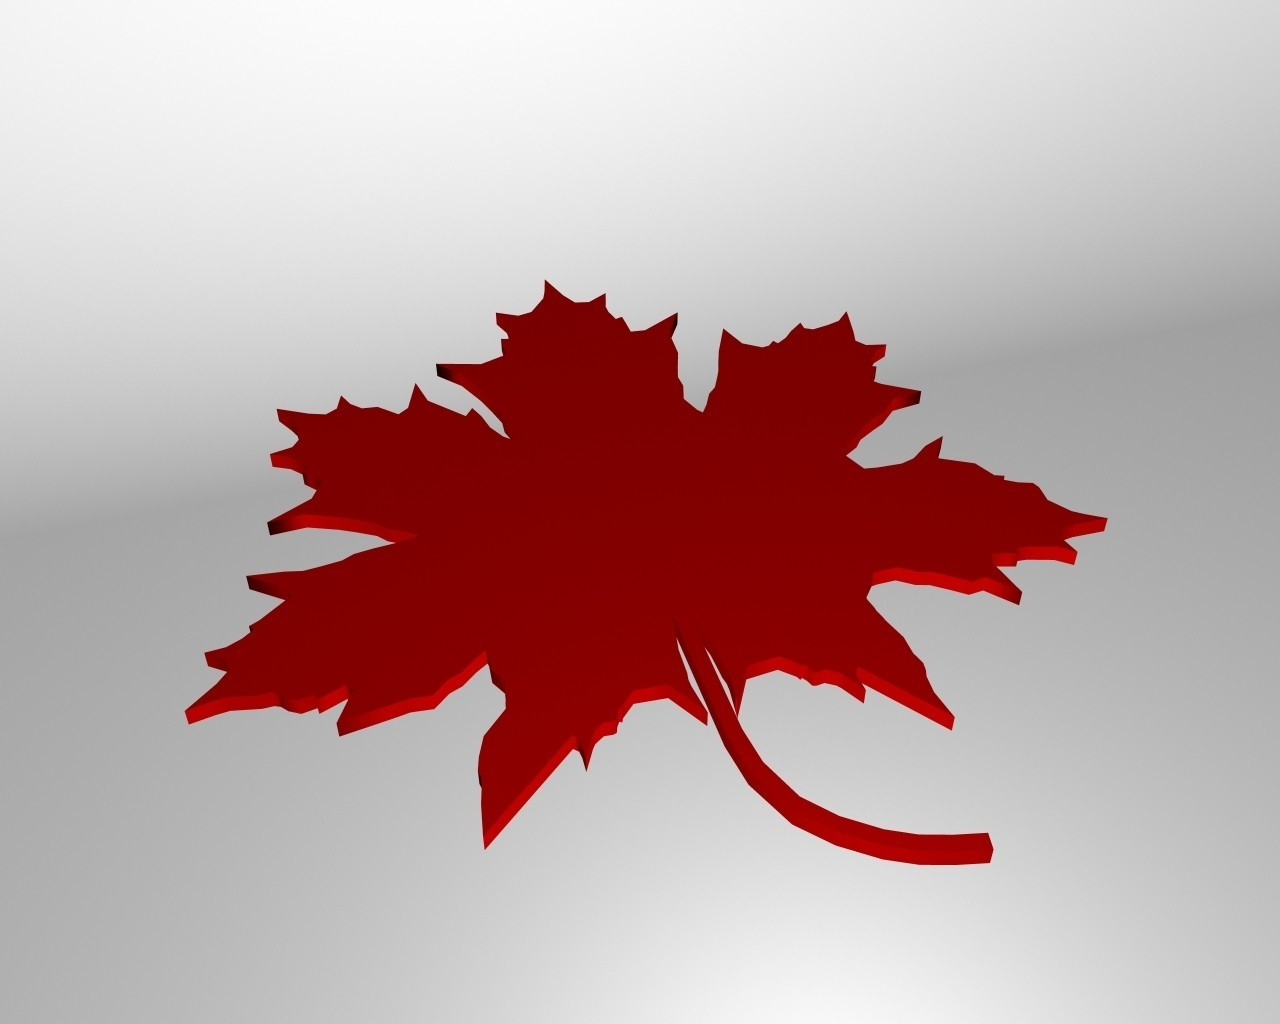 Hoja-de-maple.jpg Download free OBJ file Maple Leaf • 3D printable model, Superer012